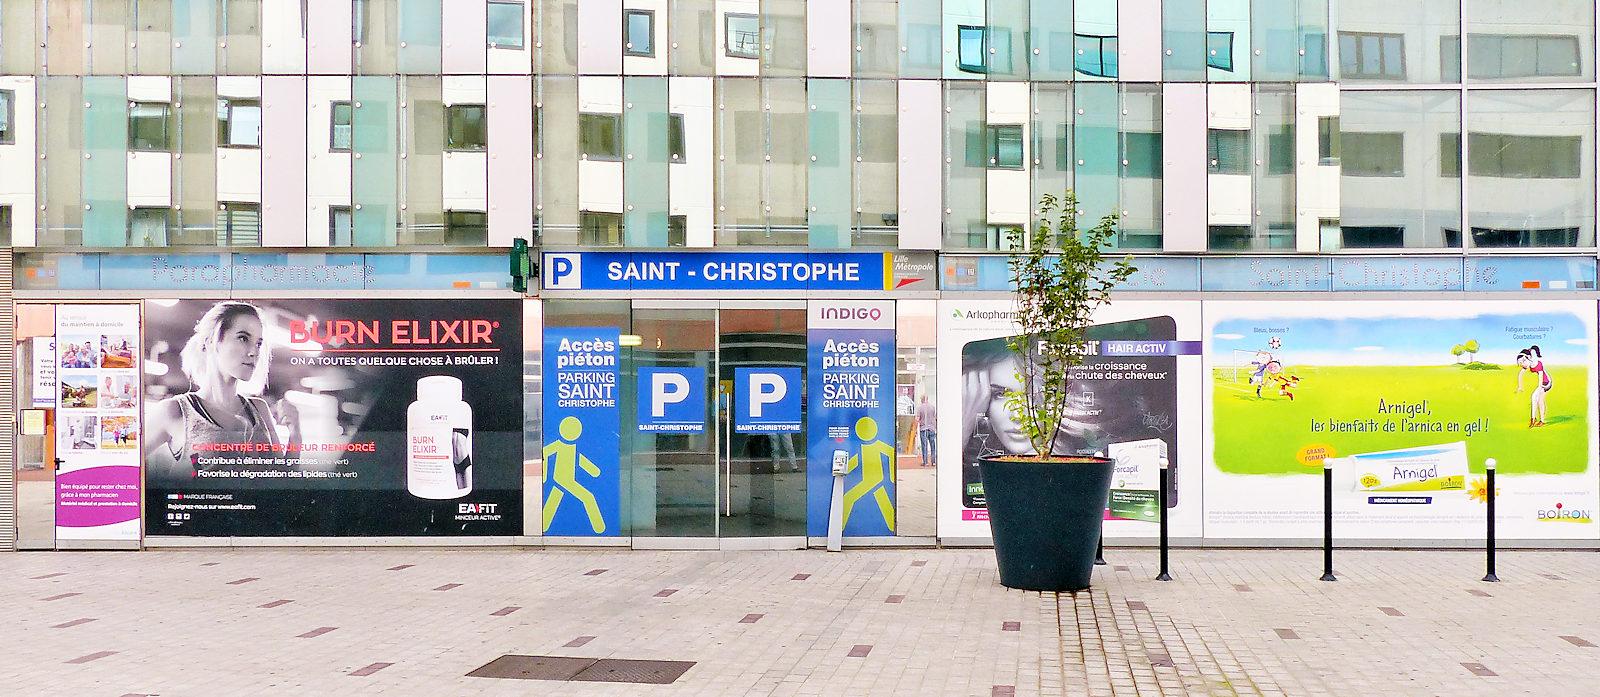 Promenade de la Fraternité, Tourcoing - Pharmacie St Christophe